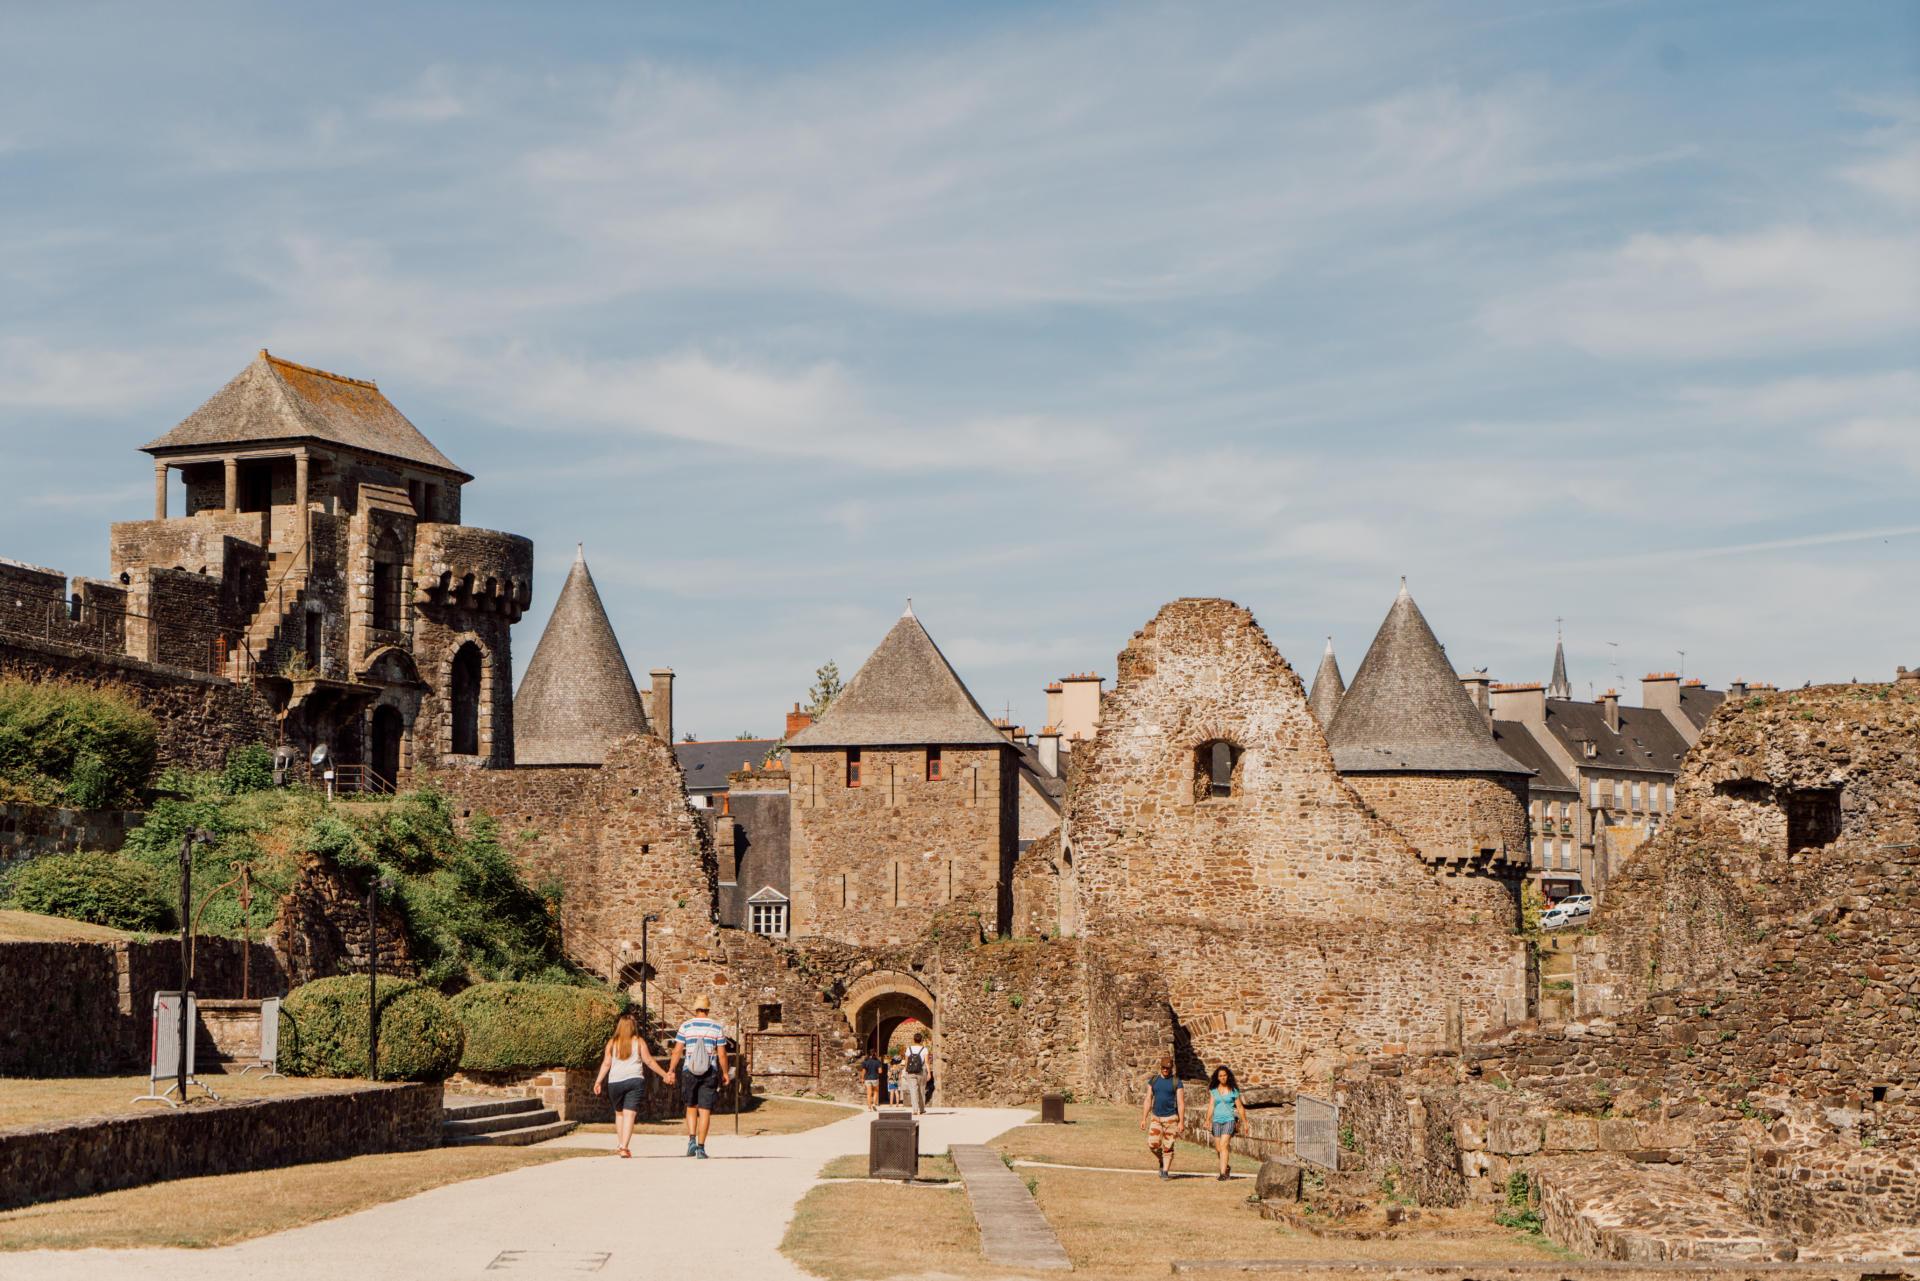 Chateau De Fougeres C Noe